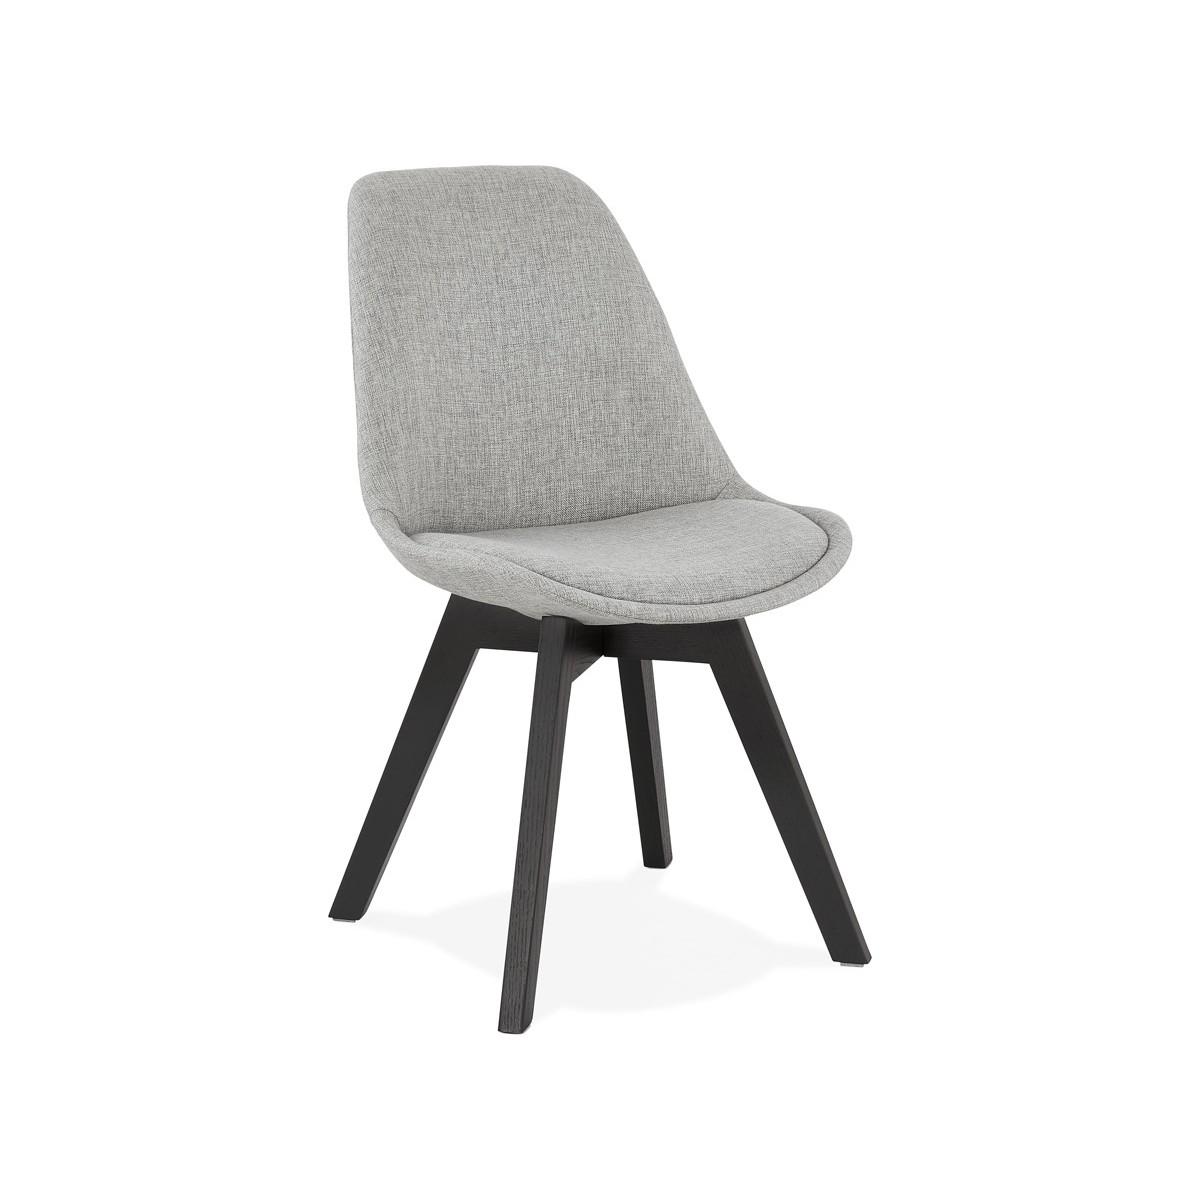 Naya Schwarz Holz Fuss Stoff Design Stuhl Grau Amp Story 6870